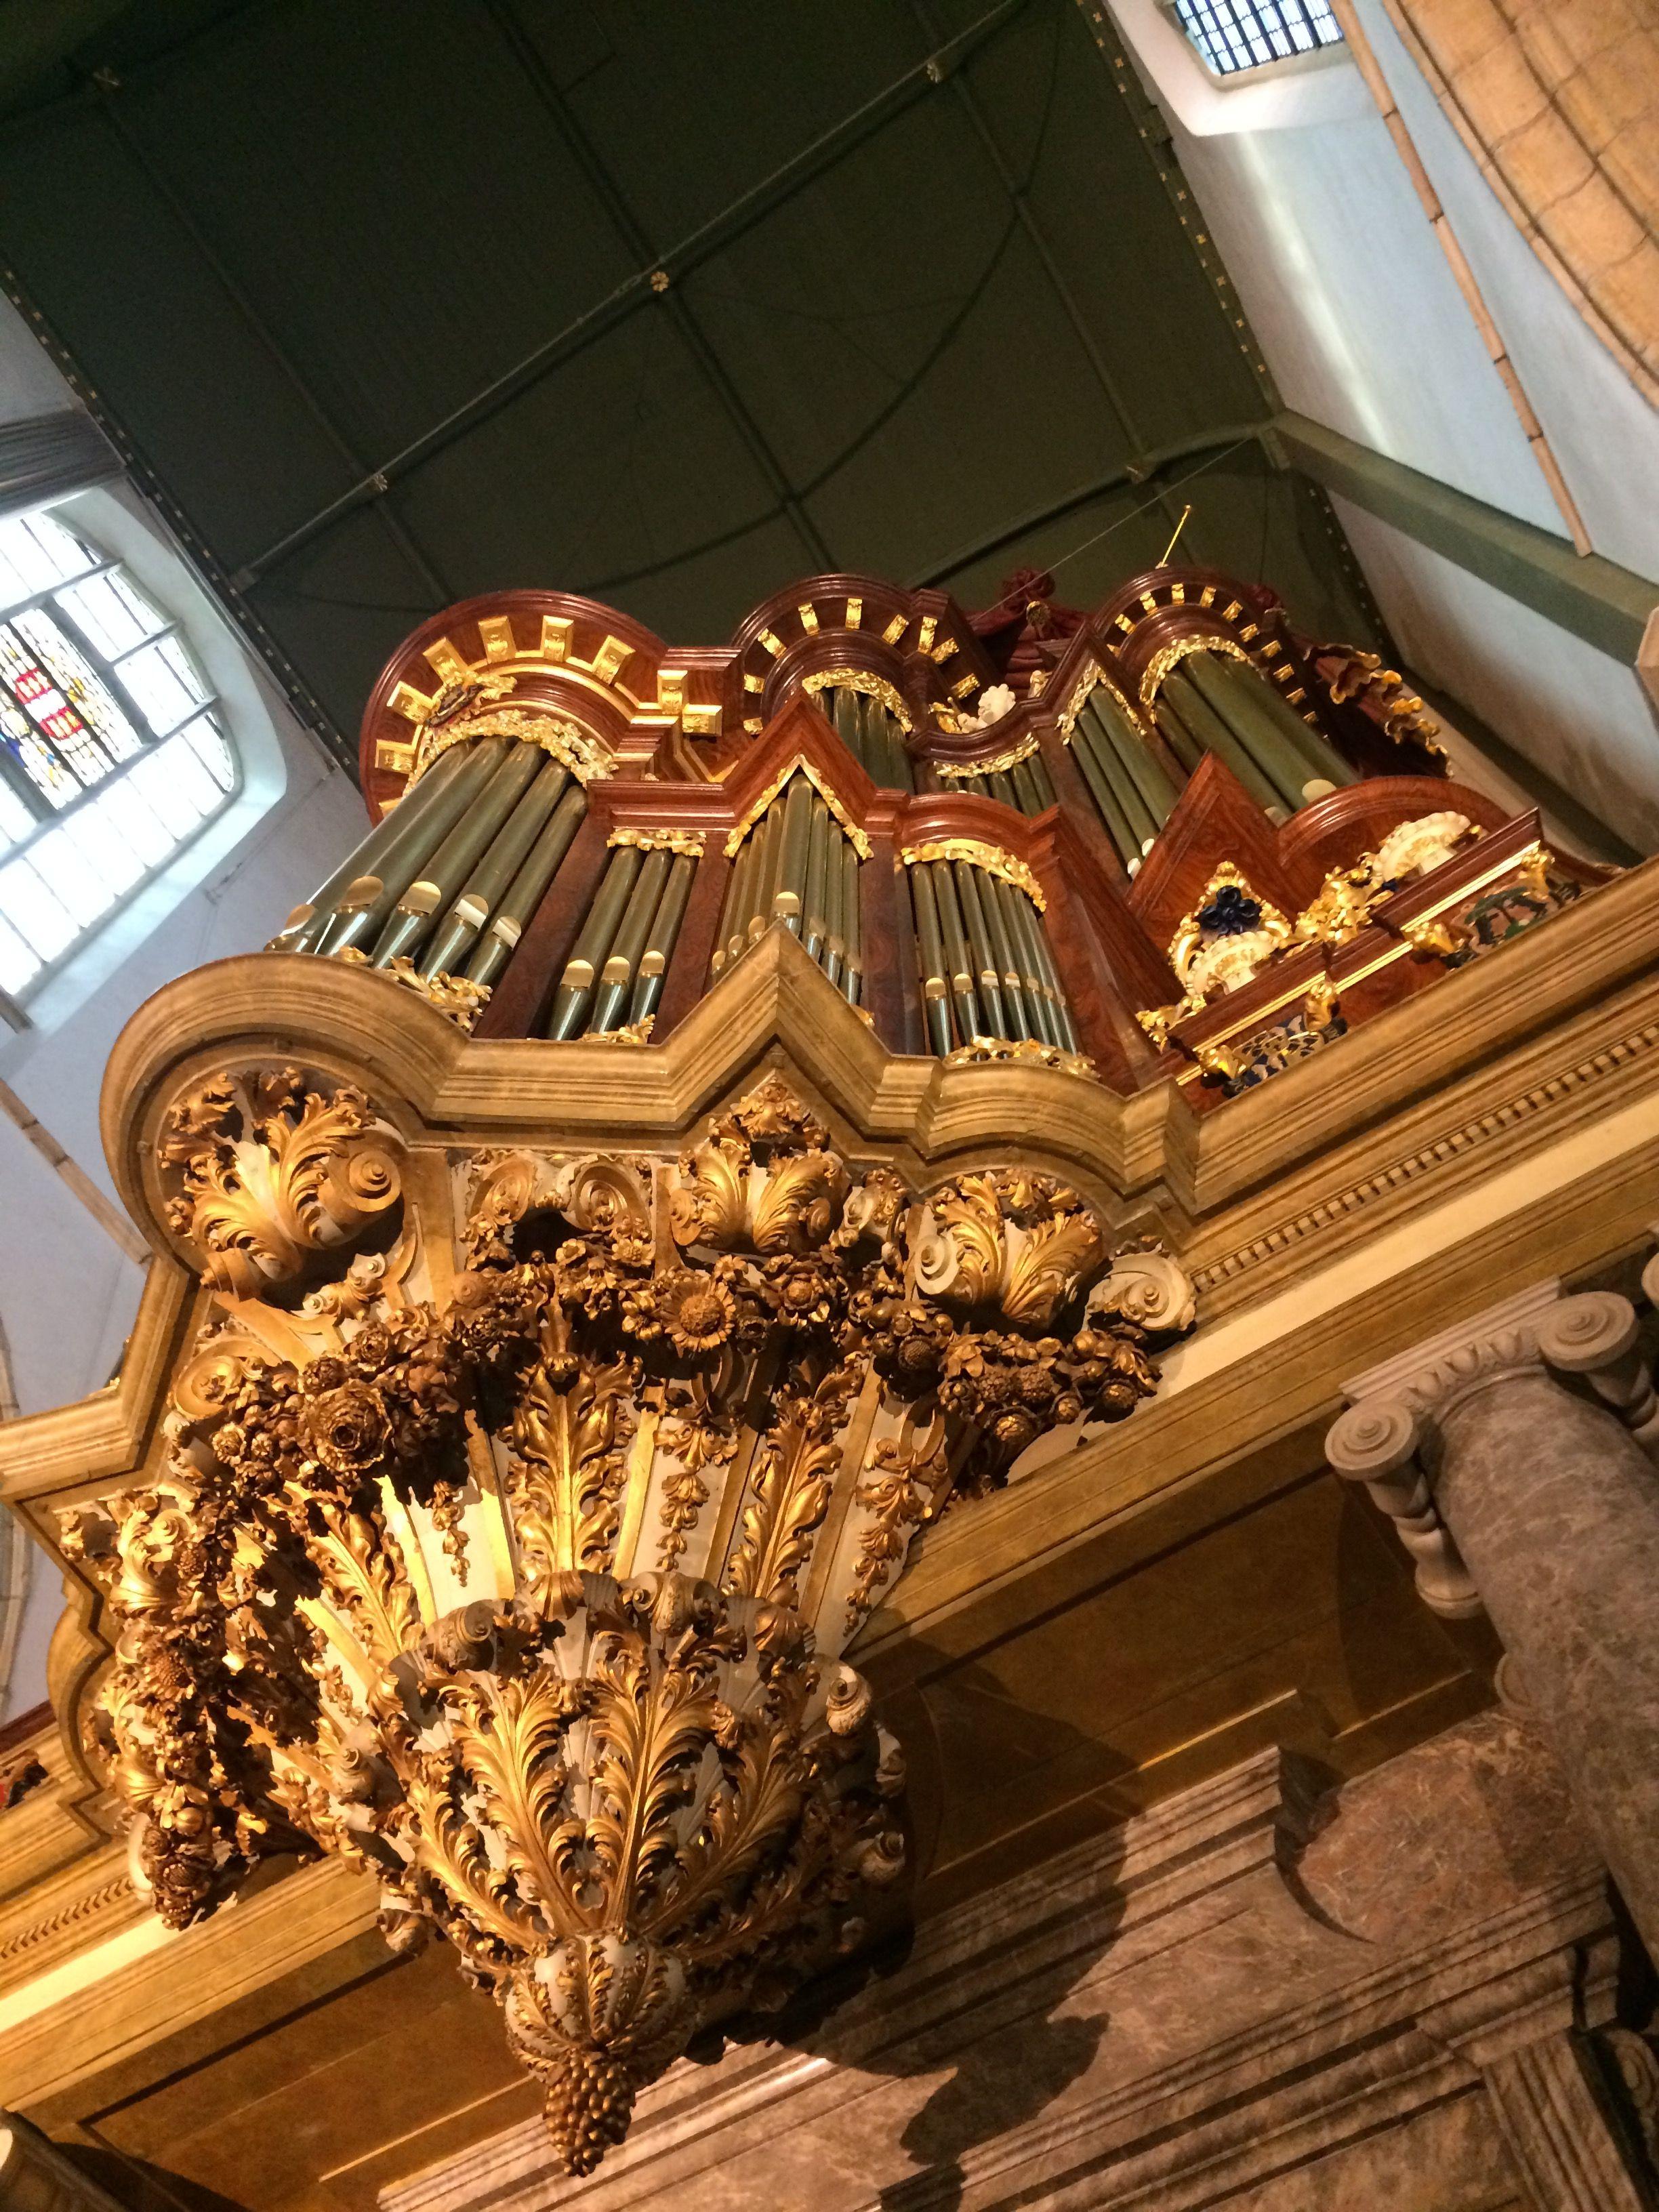 Het kerkorgel van de Sint-Janskerk in Gouda